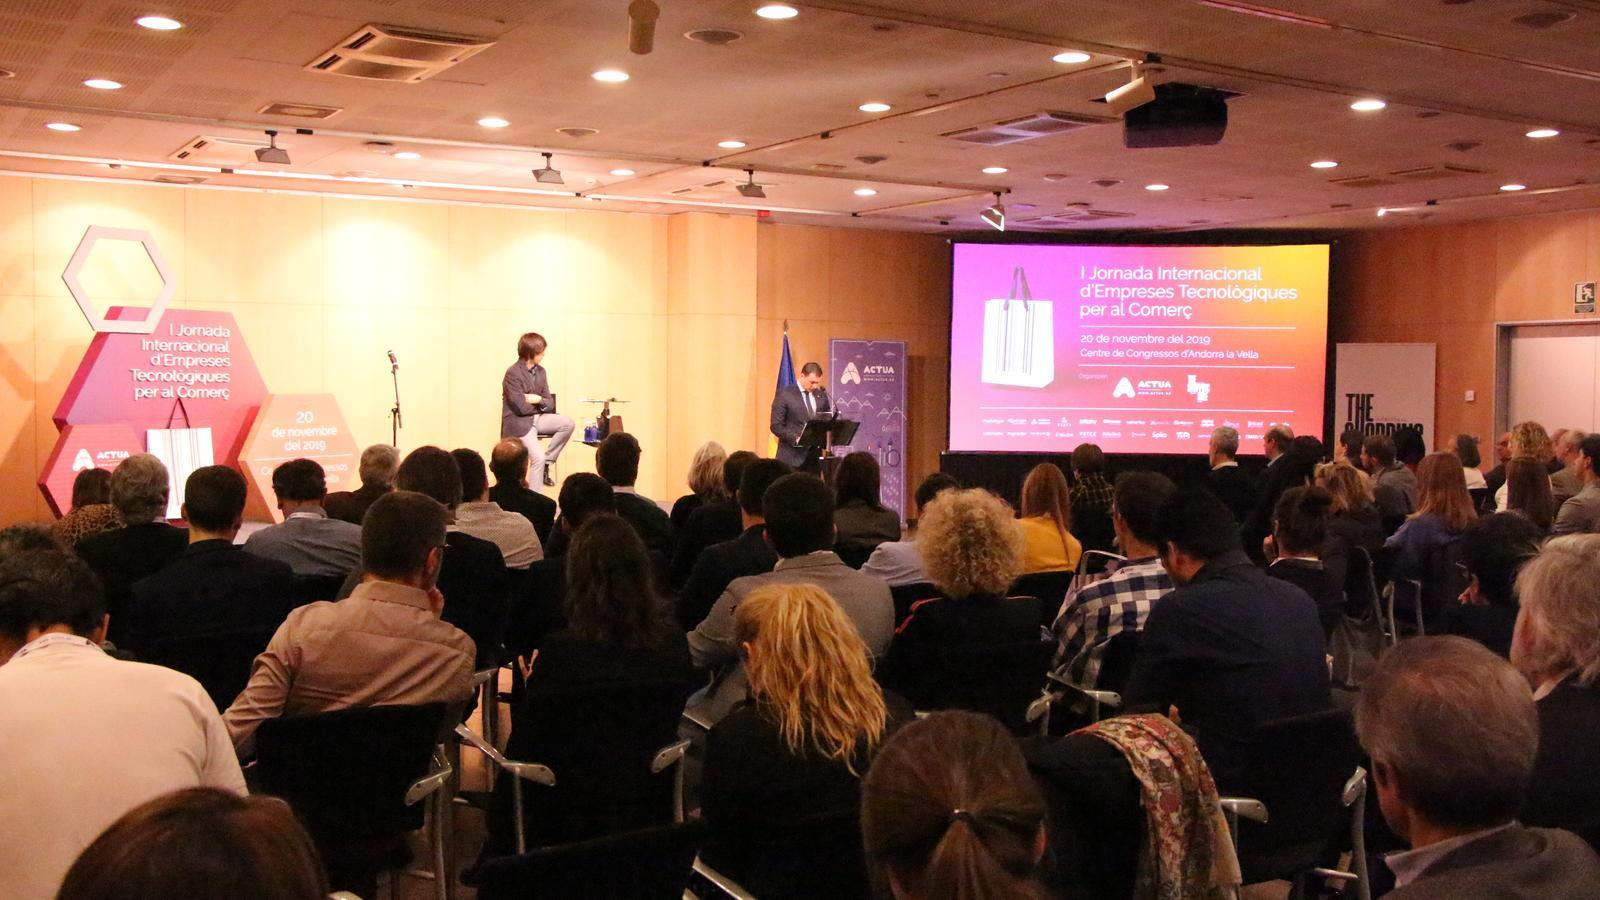 Jornada Internacional d'Empreses Tecnològiques per al Comerç. / M. R. F.